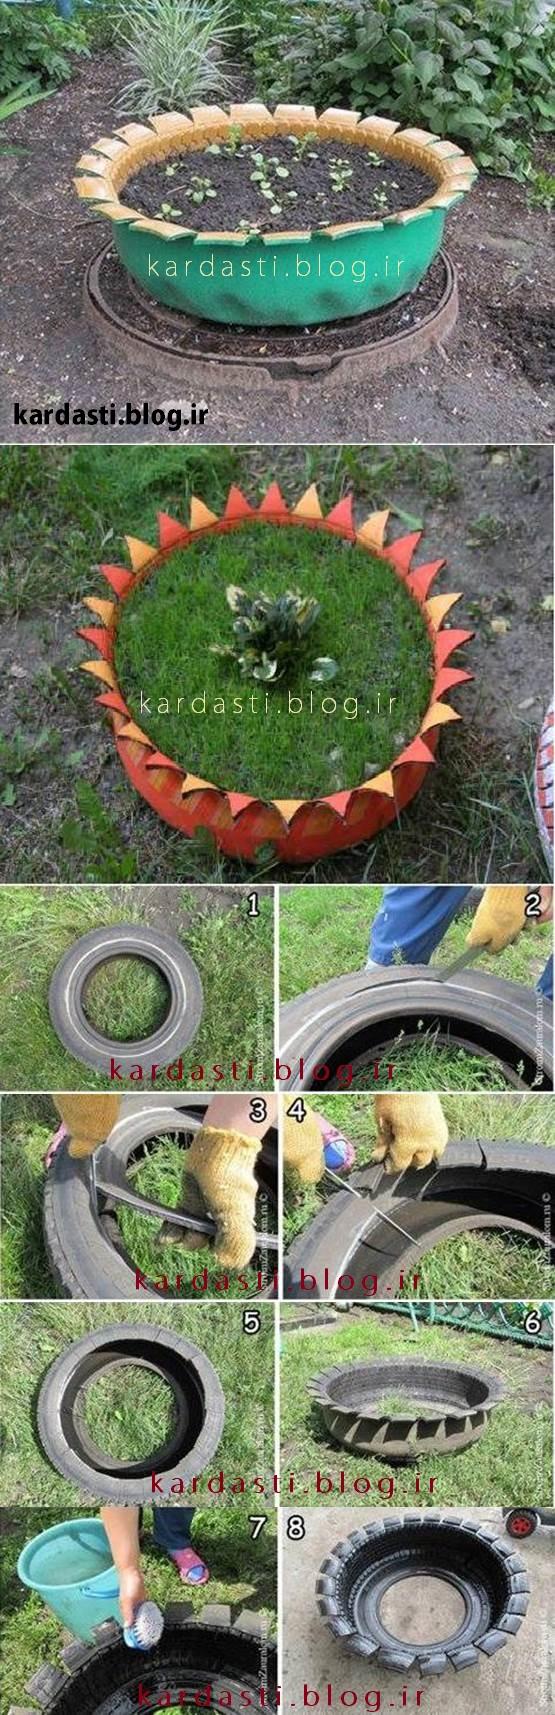 گلدان حیاط خلاقانه با تایر ماشین